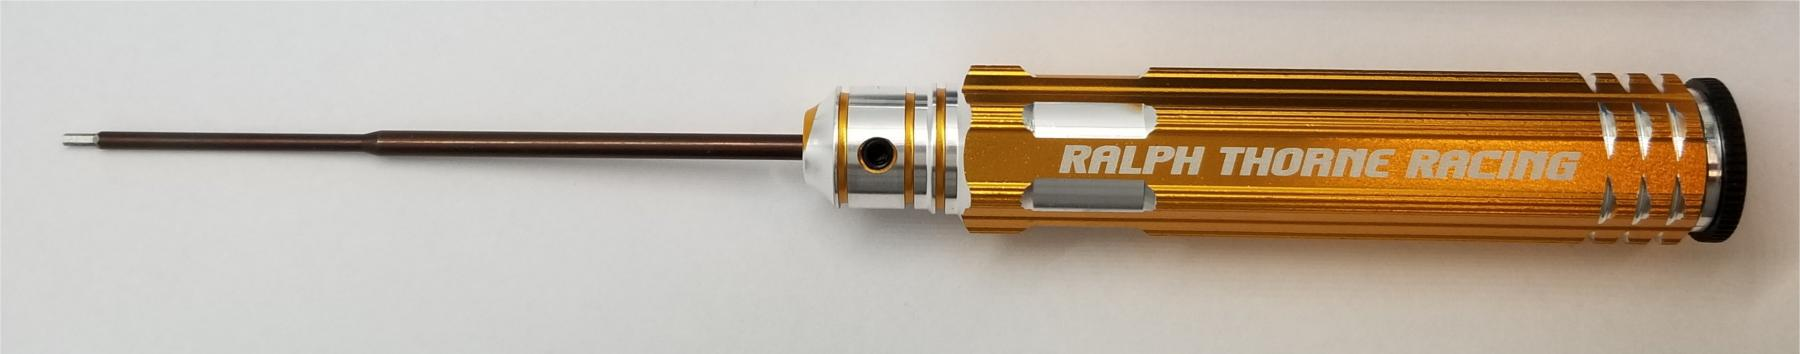 Gold Allen Wrench.jpg